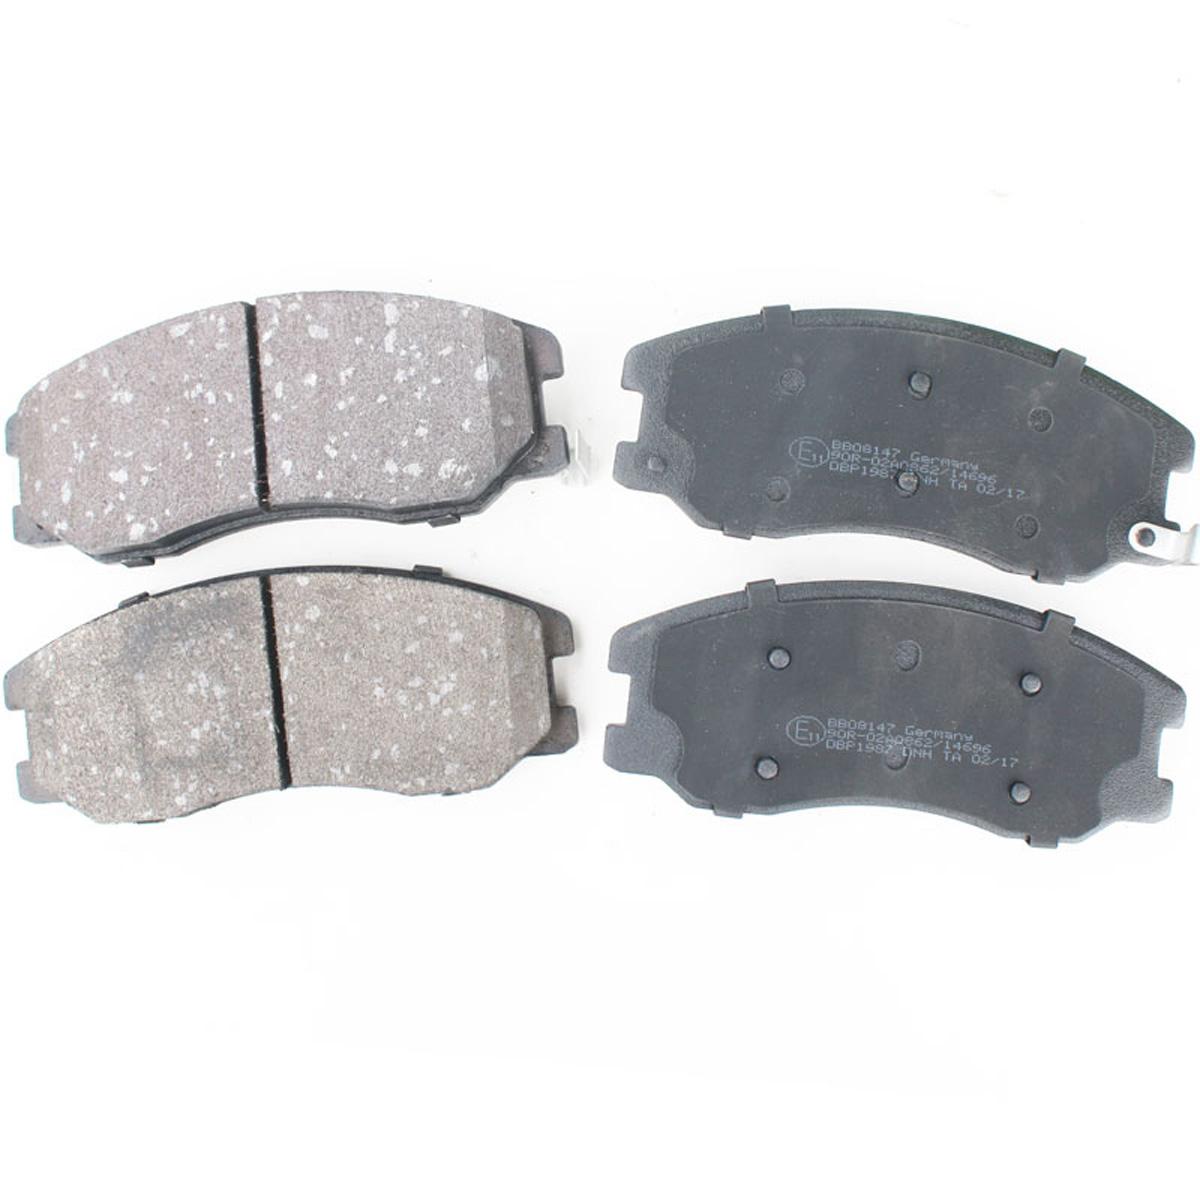 Bremsbelagsatz, Scheibenbremse, Vorderachse für Chevrolet, Opel, BB08147